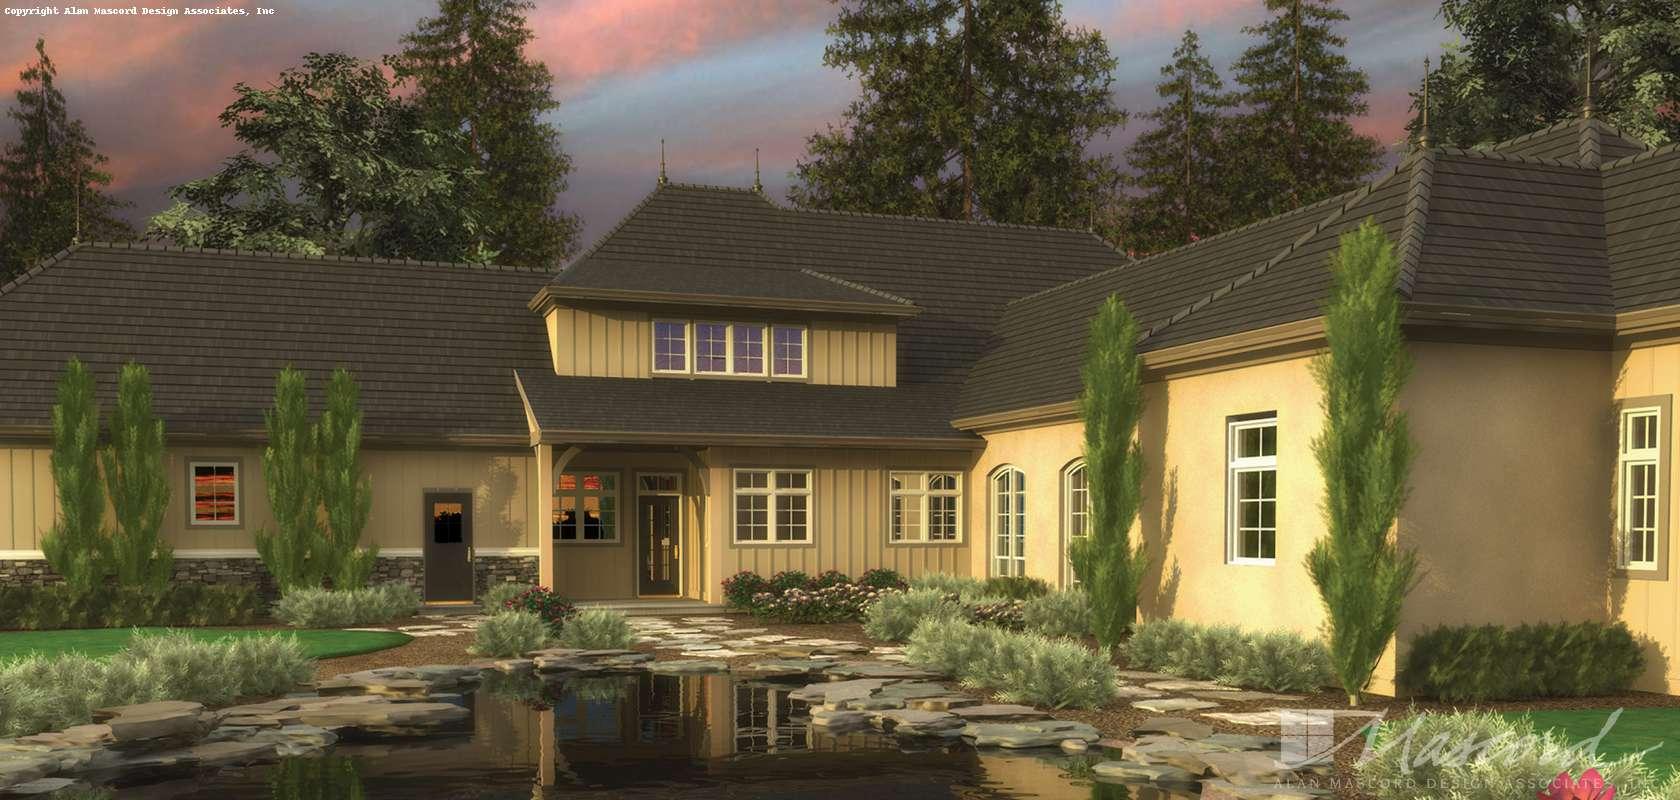 Mascord House Plan 2446: The Toussaint